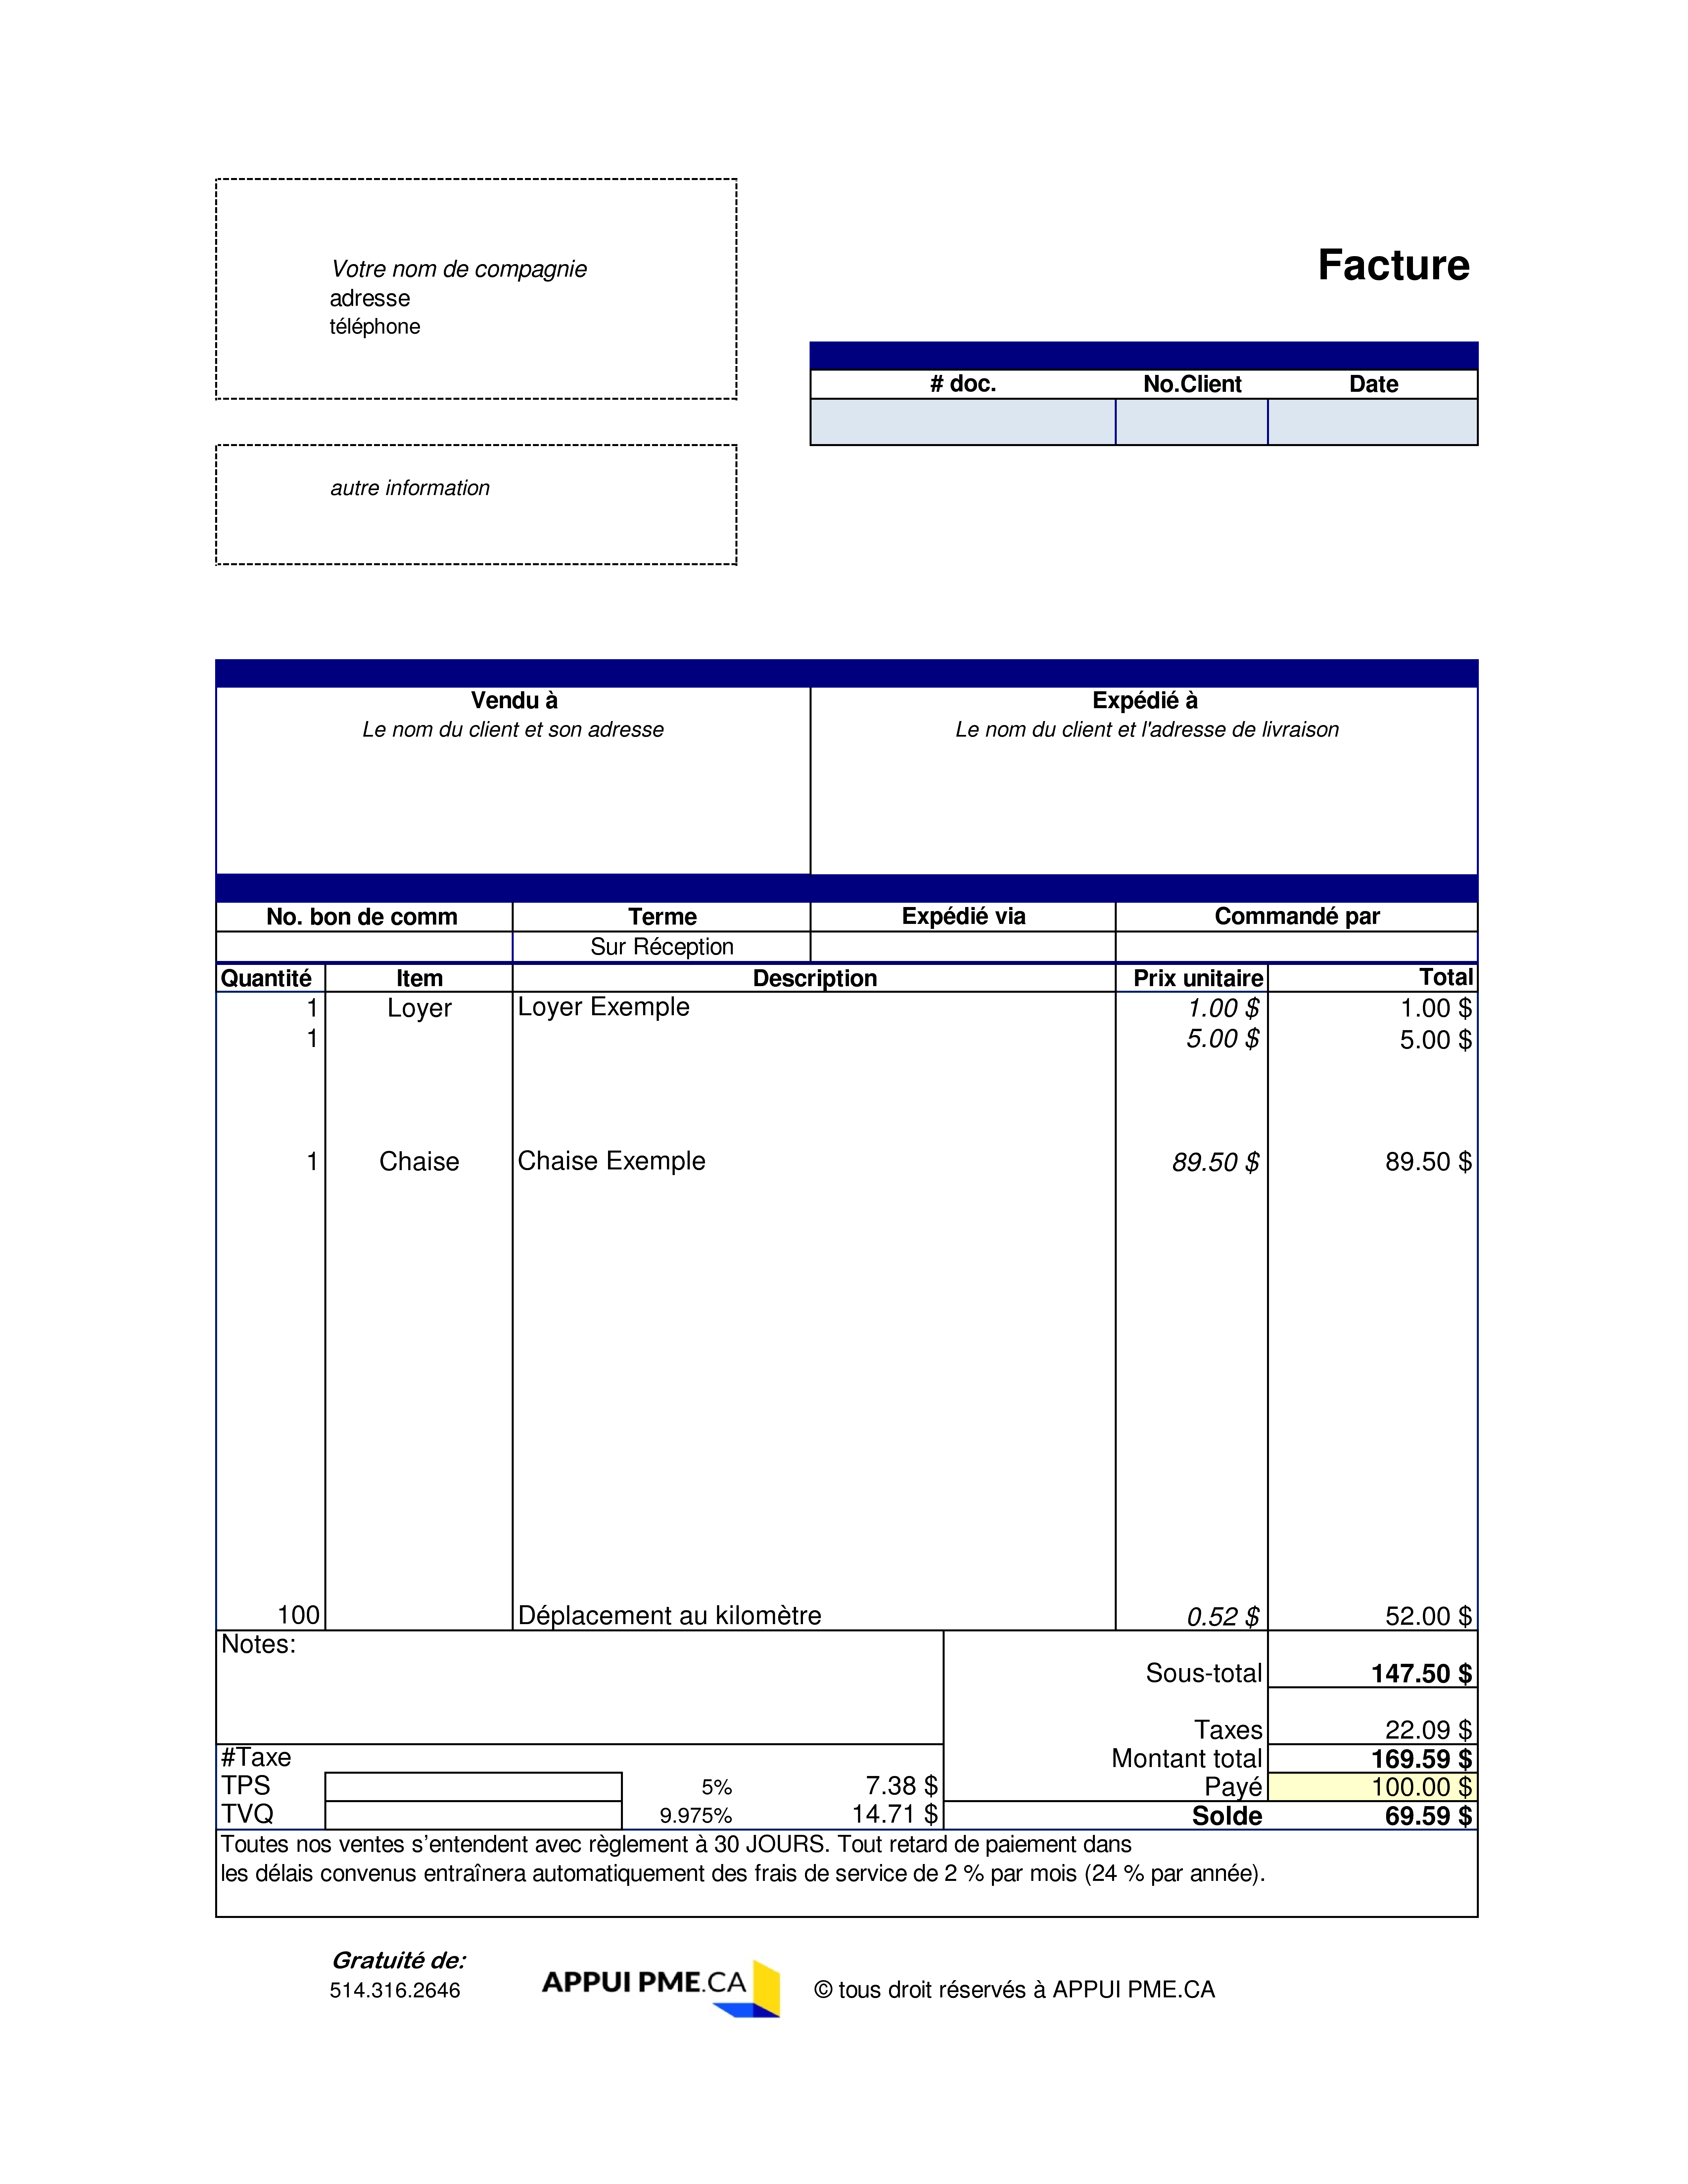 modele facture quebec word | Modele facture, Modèle de ...